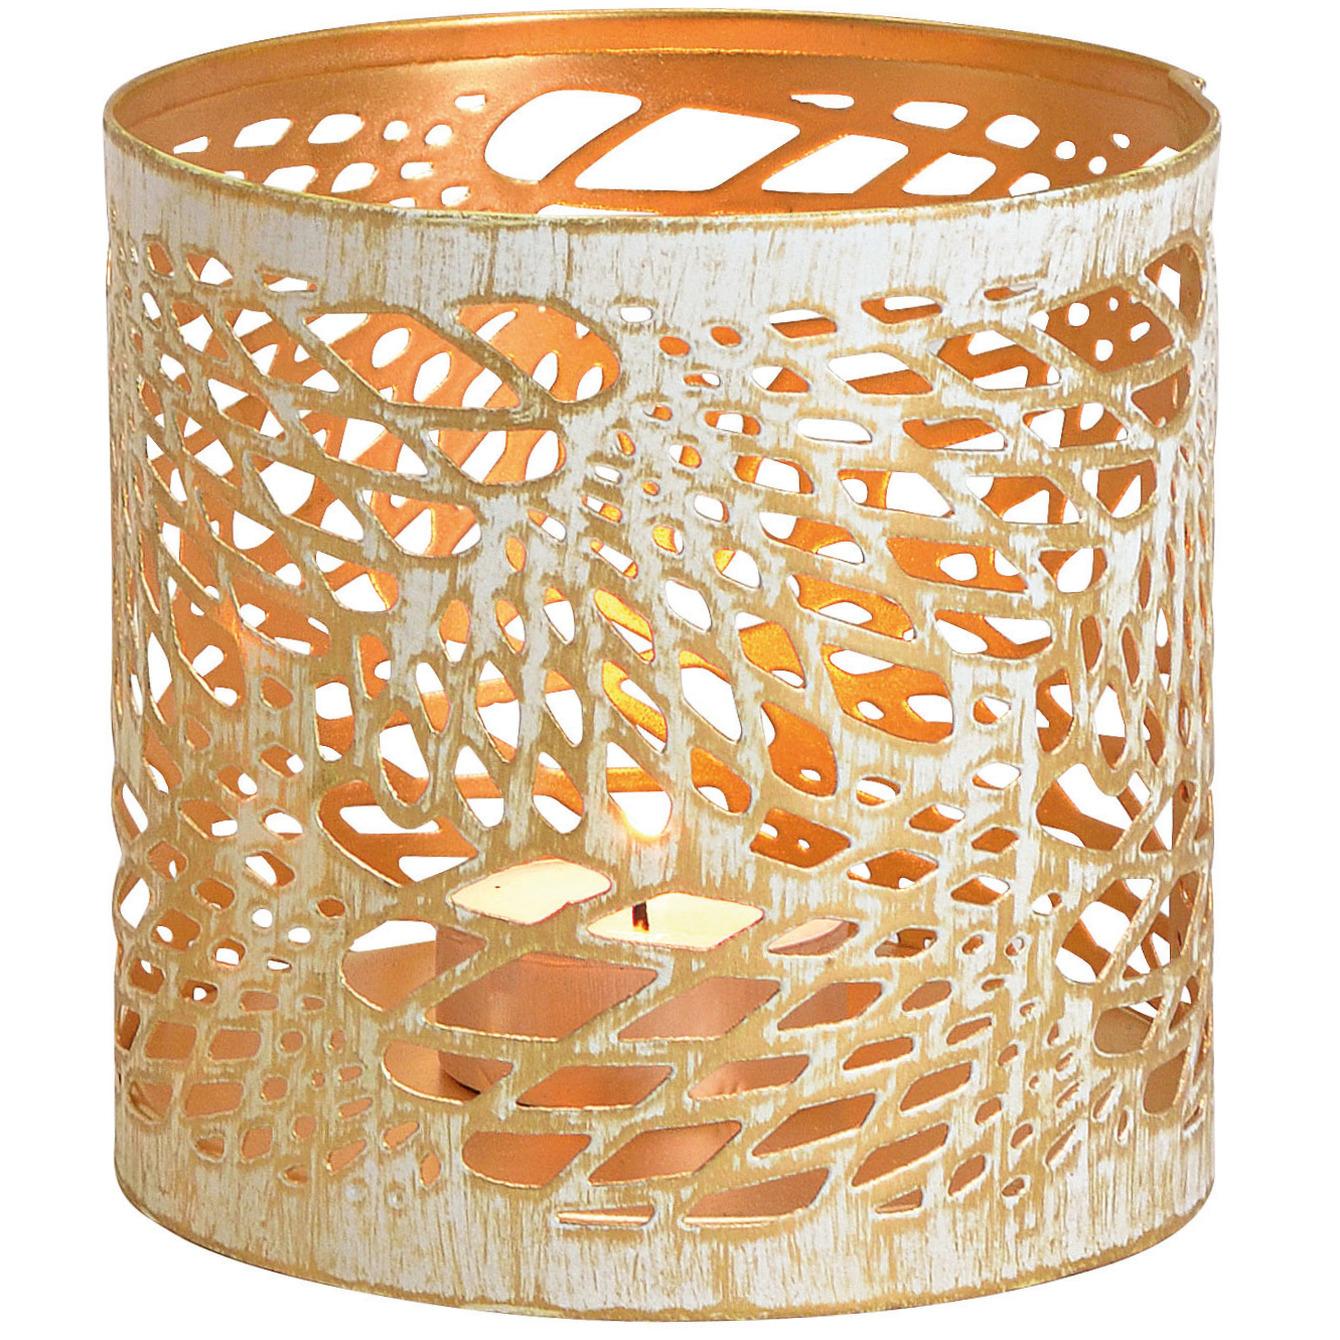 1x Kaarsenhouders voor theelichtjes/waxinelichtjes wit/goud abstract vleugel patroon 11 cm -